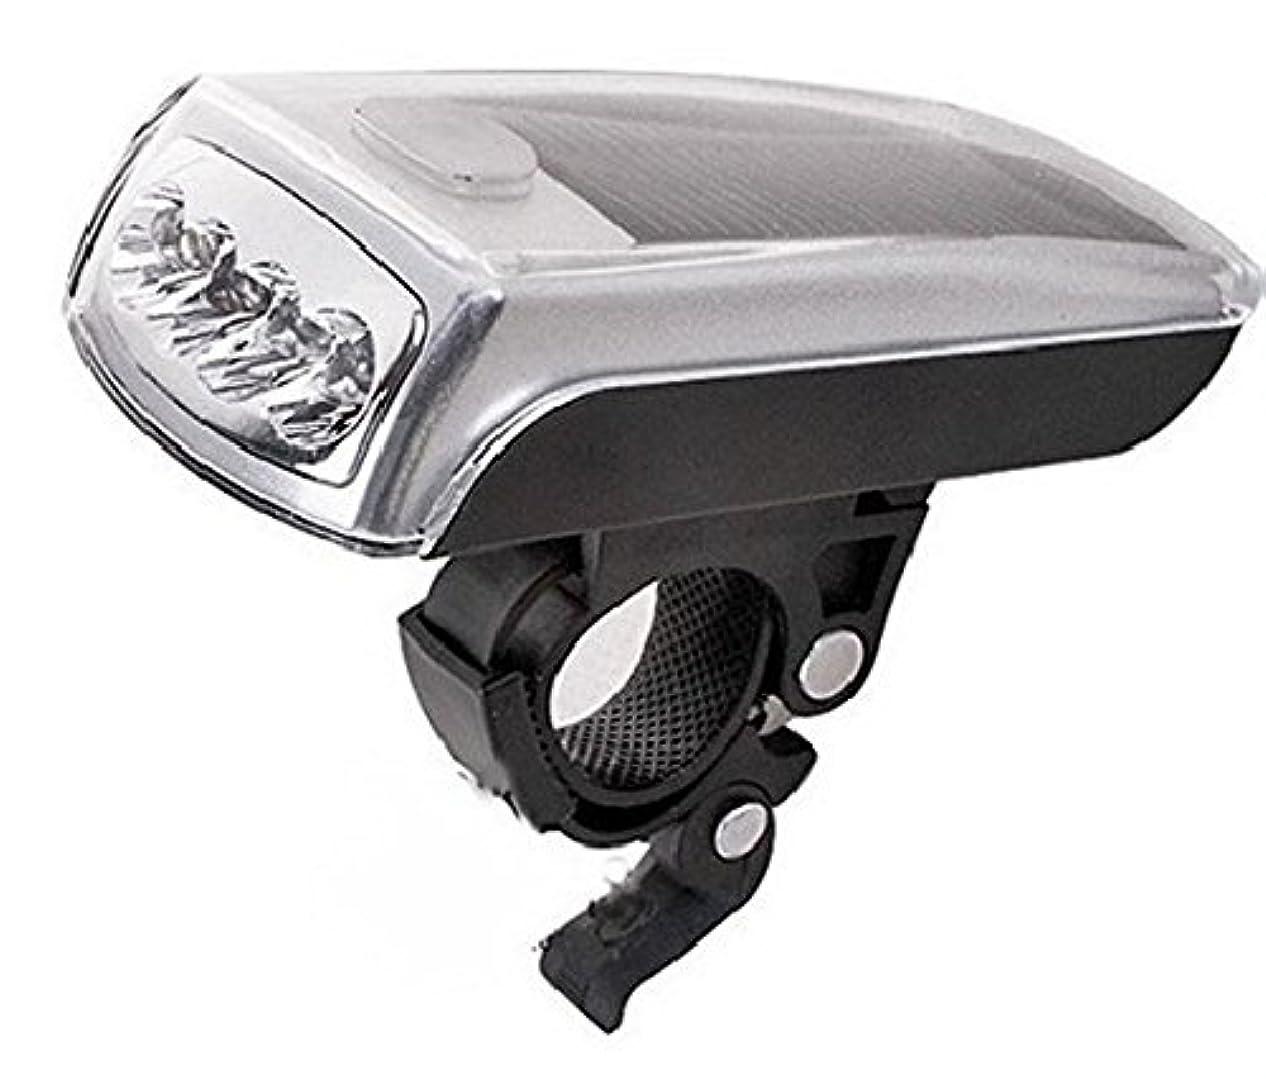 権限を与えるビュッフェ運動4 Leds Bike Flashing USB Rechargeable Light LED Solar Bicycle Front Light by Seeing-eye